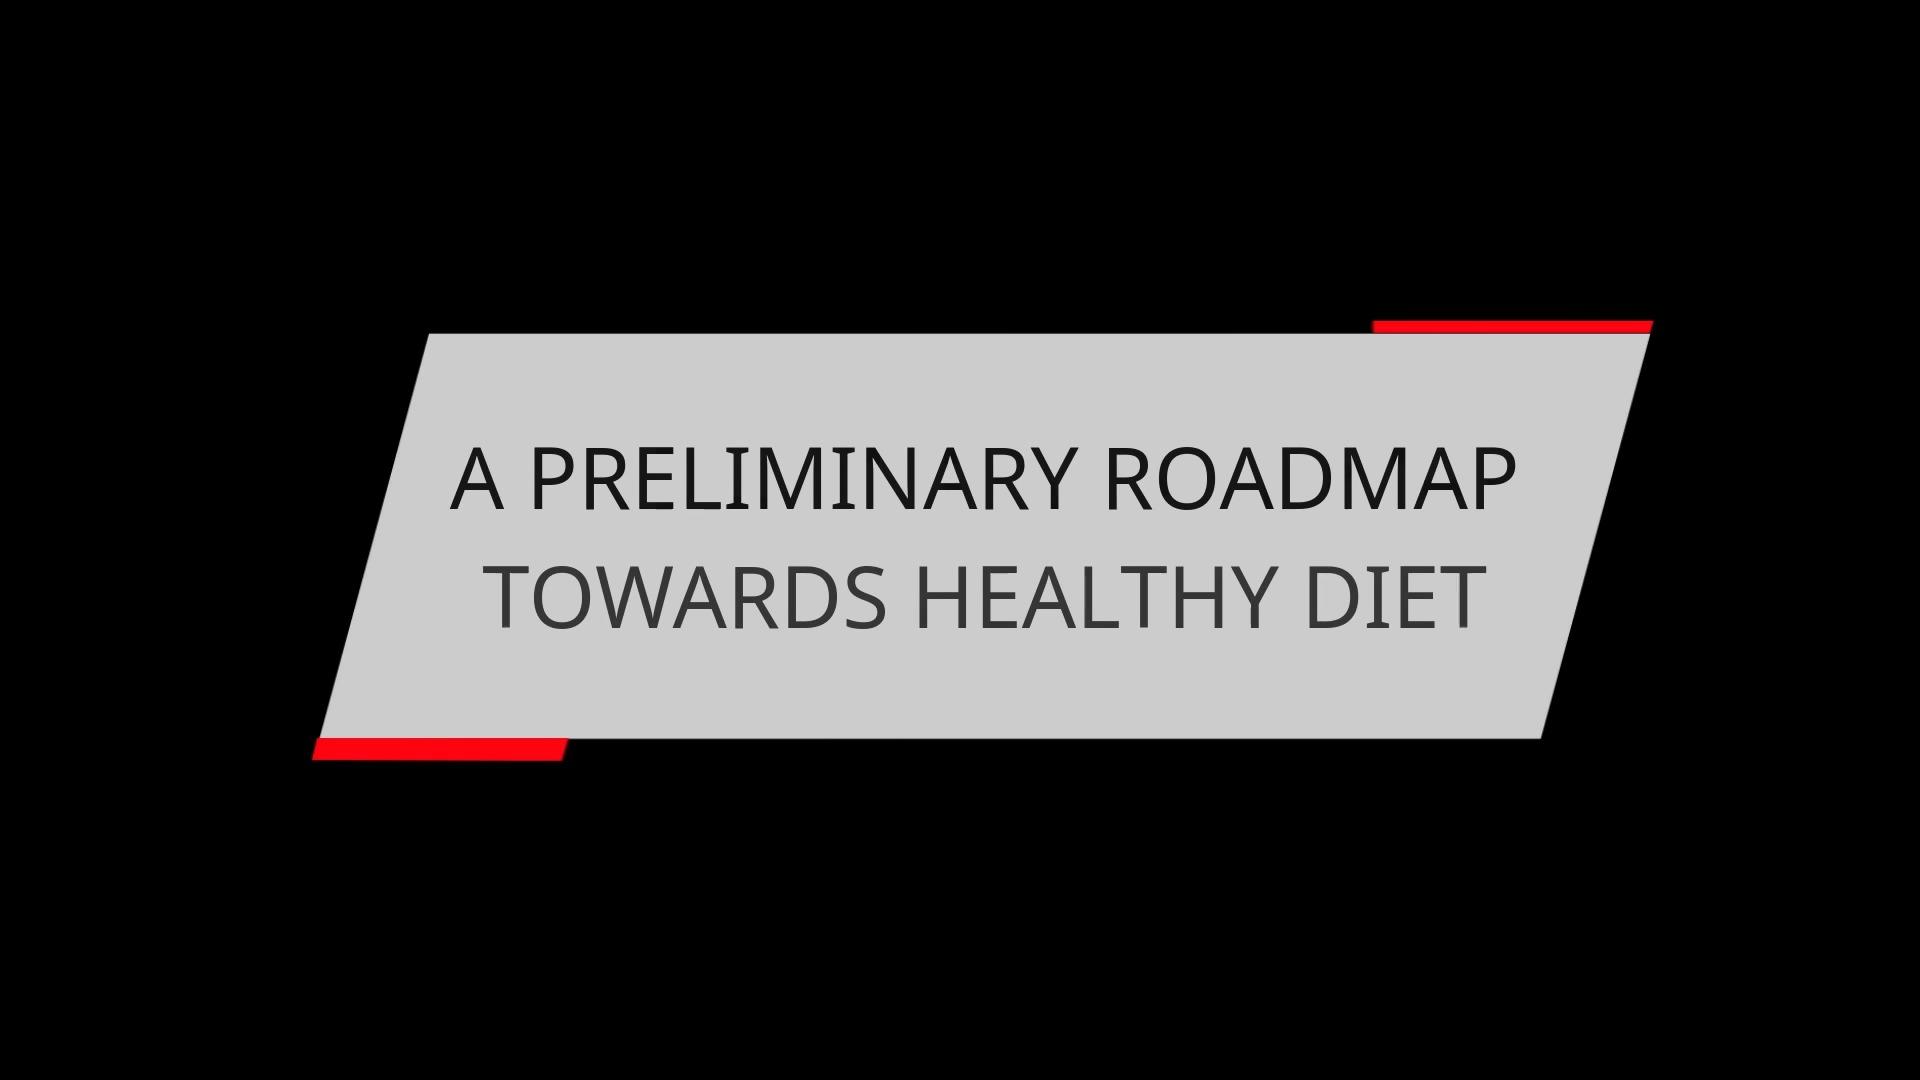 A ROADMAP TOWARDS HEALTHY DIET